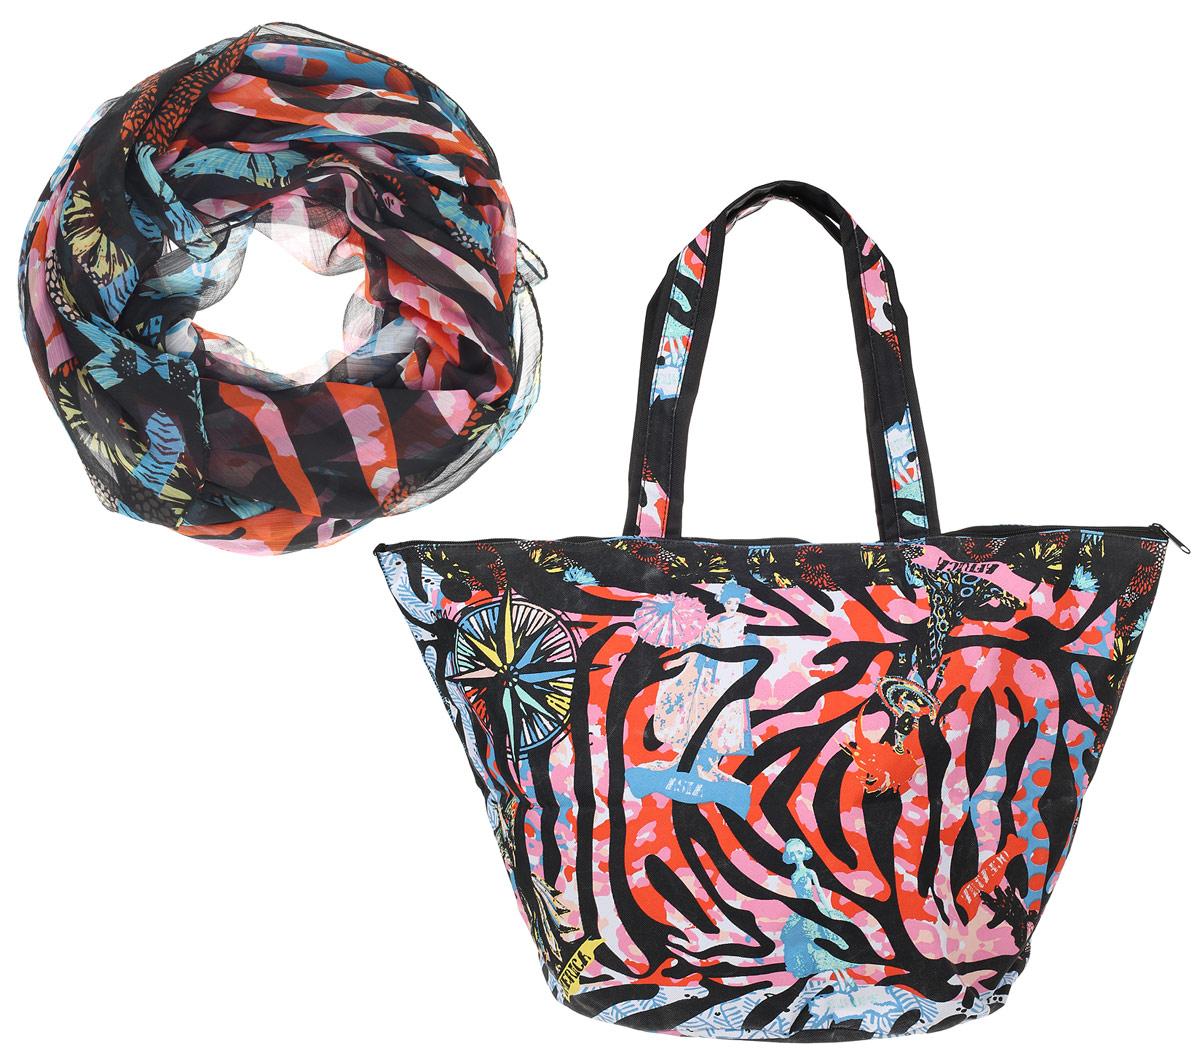 Сумка пляжная Venera , цвет: черный, красный, белый, голубой + парео. 5500256-1/14106черныеЯркий комплект из парео и сумки. Практичная, вместительная сумка из полиэстра, великолепный летний вариант. В комплект входит парео, большой размер которого позволяет завязать его разными способами.